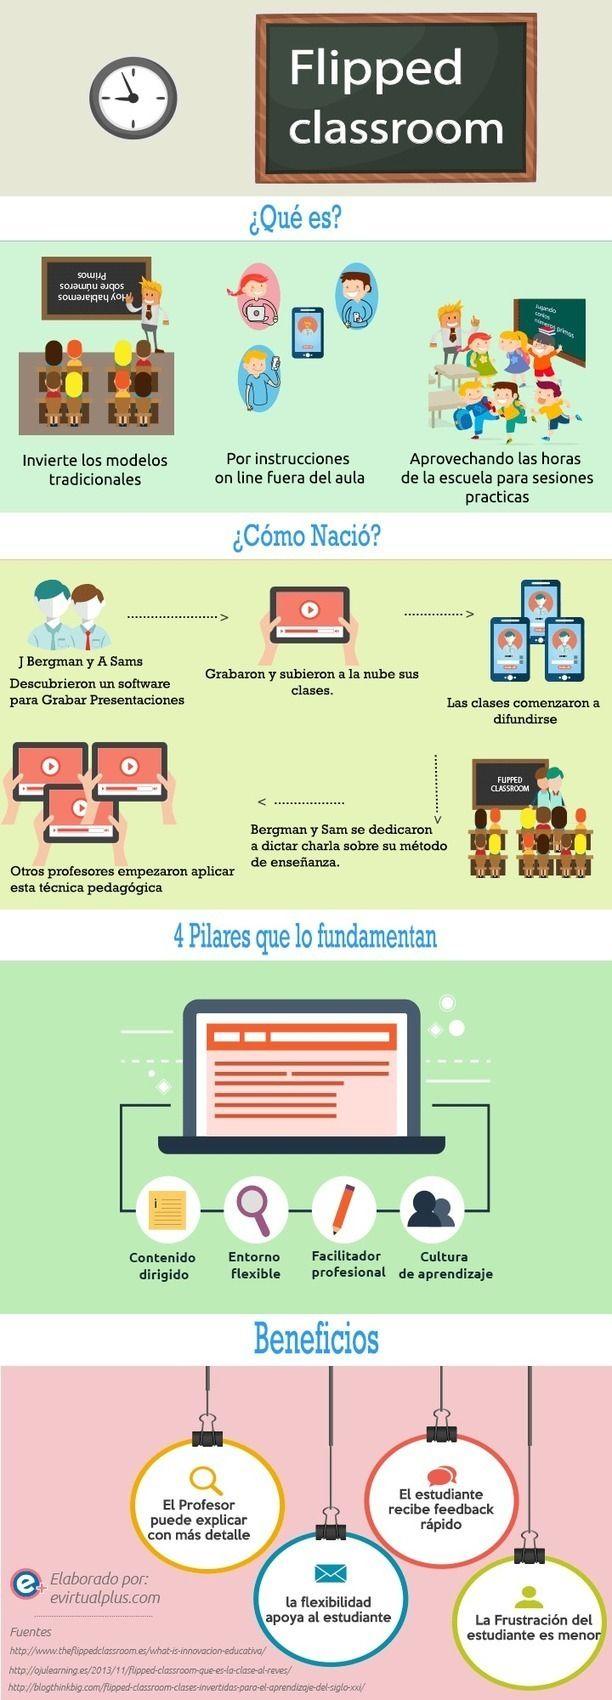 Aula Invertida o Flipped Classroom – Fundamentos y Beneficios | Infografía http://sco.lt/...